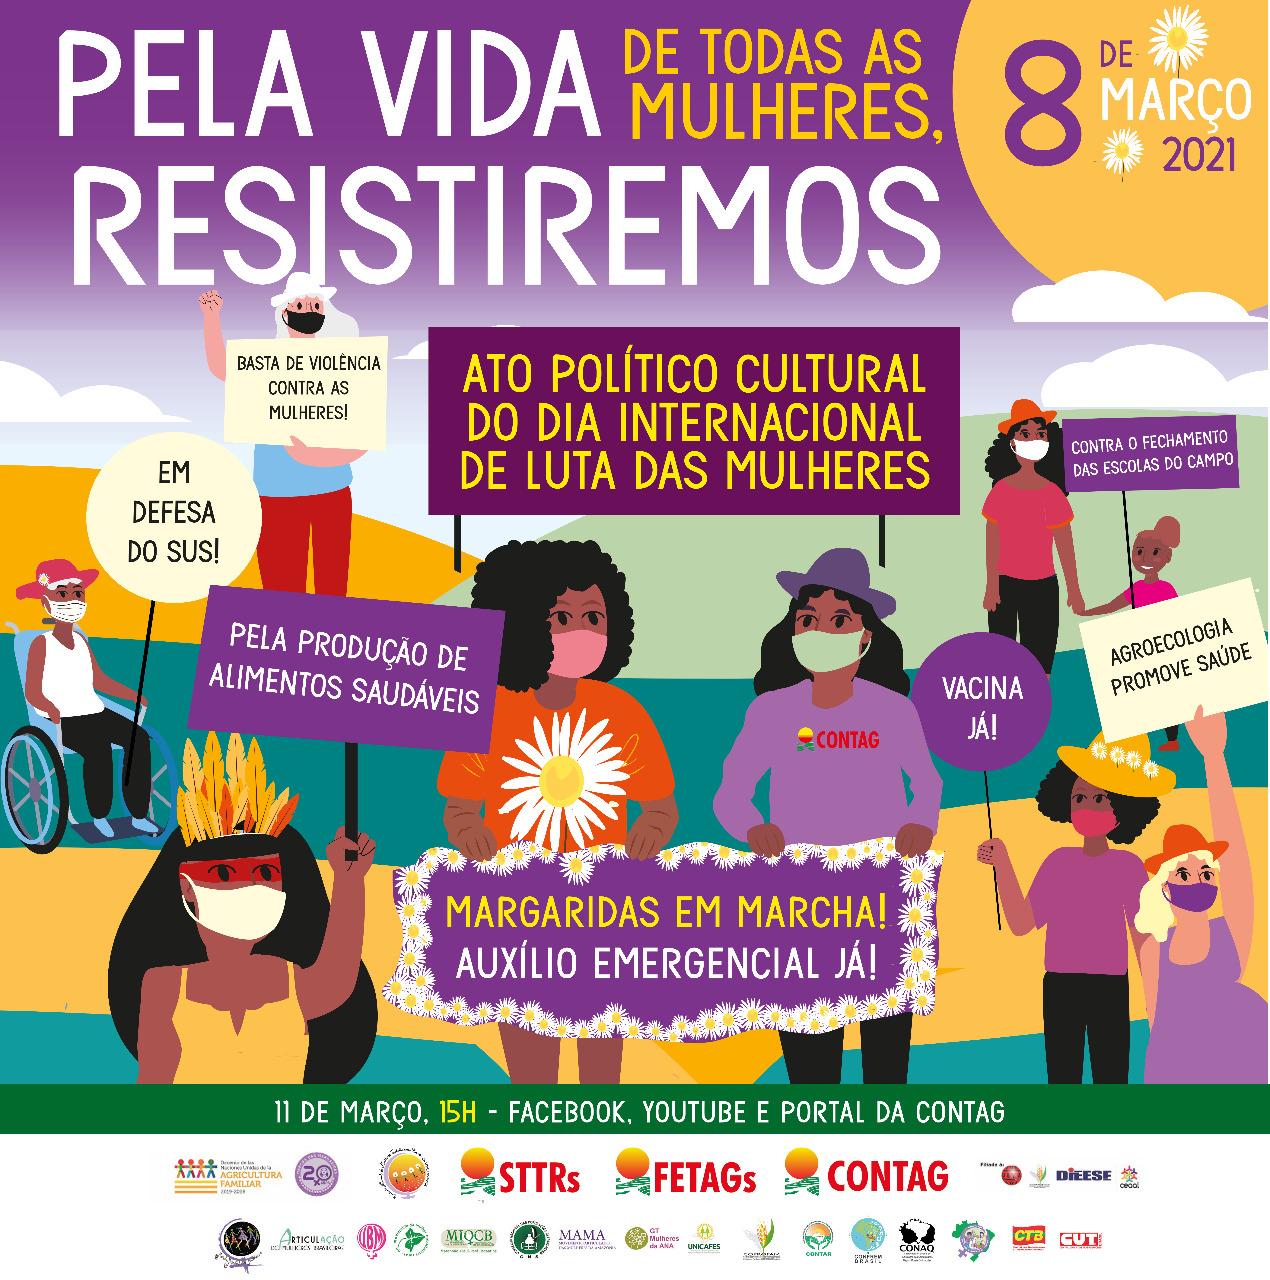 CONTAG faz ato político cultural do Dia Internacional das Mulheres